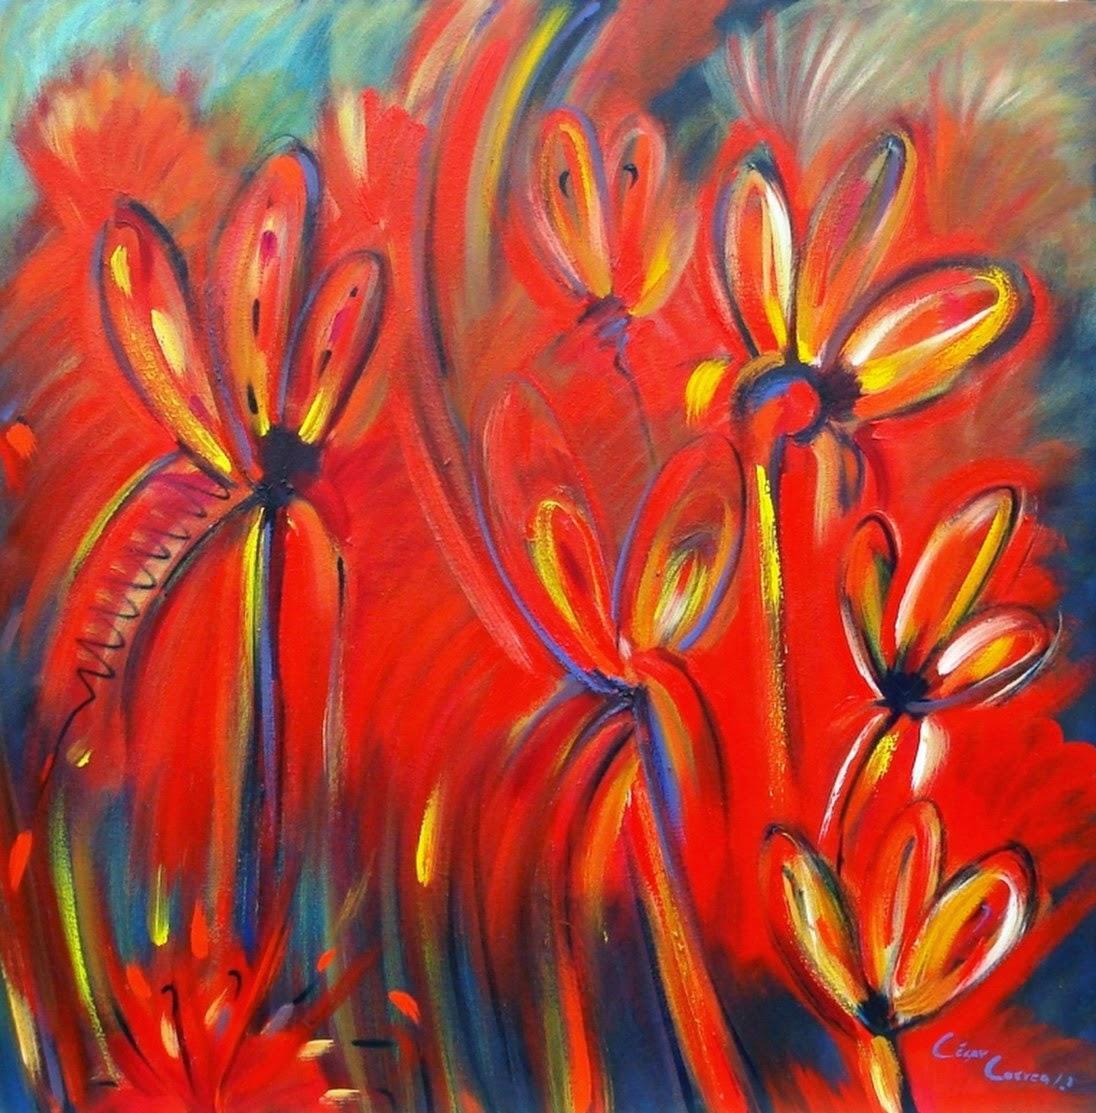 cuadros modernos pinturas y dibujos flores abstractas modernas pintura de c sar correa. Black Bedroom Furniture Sets. Home Design Ideas